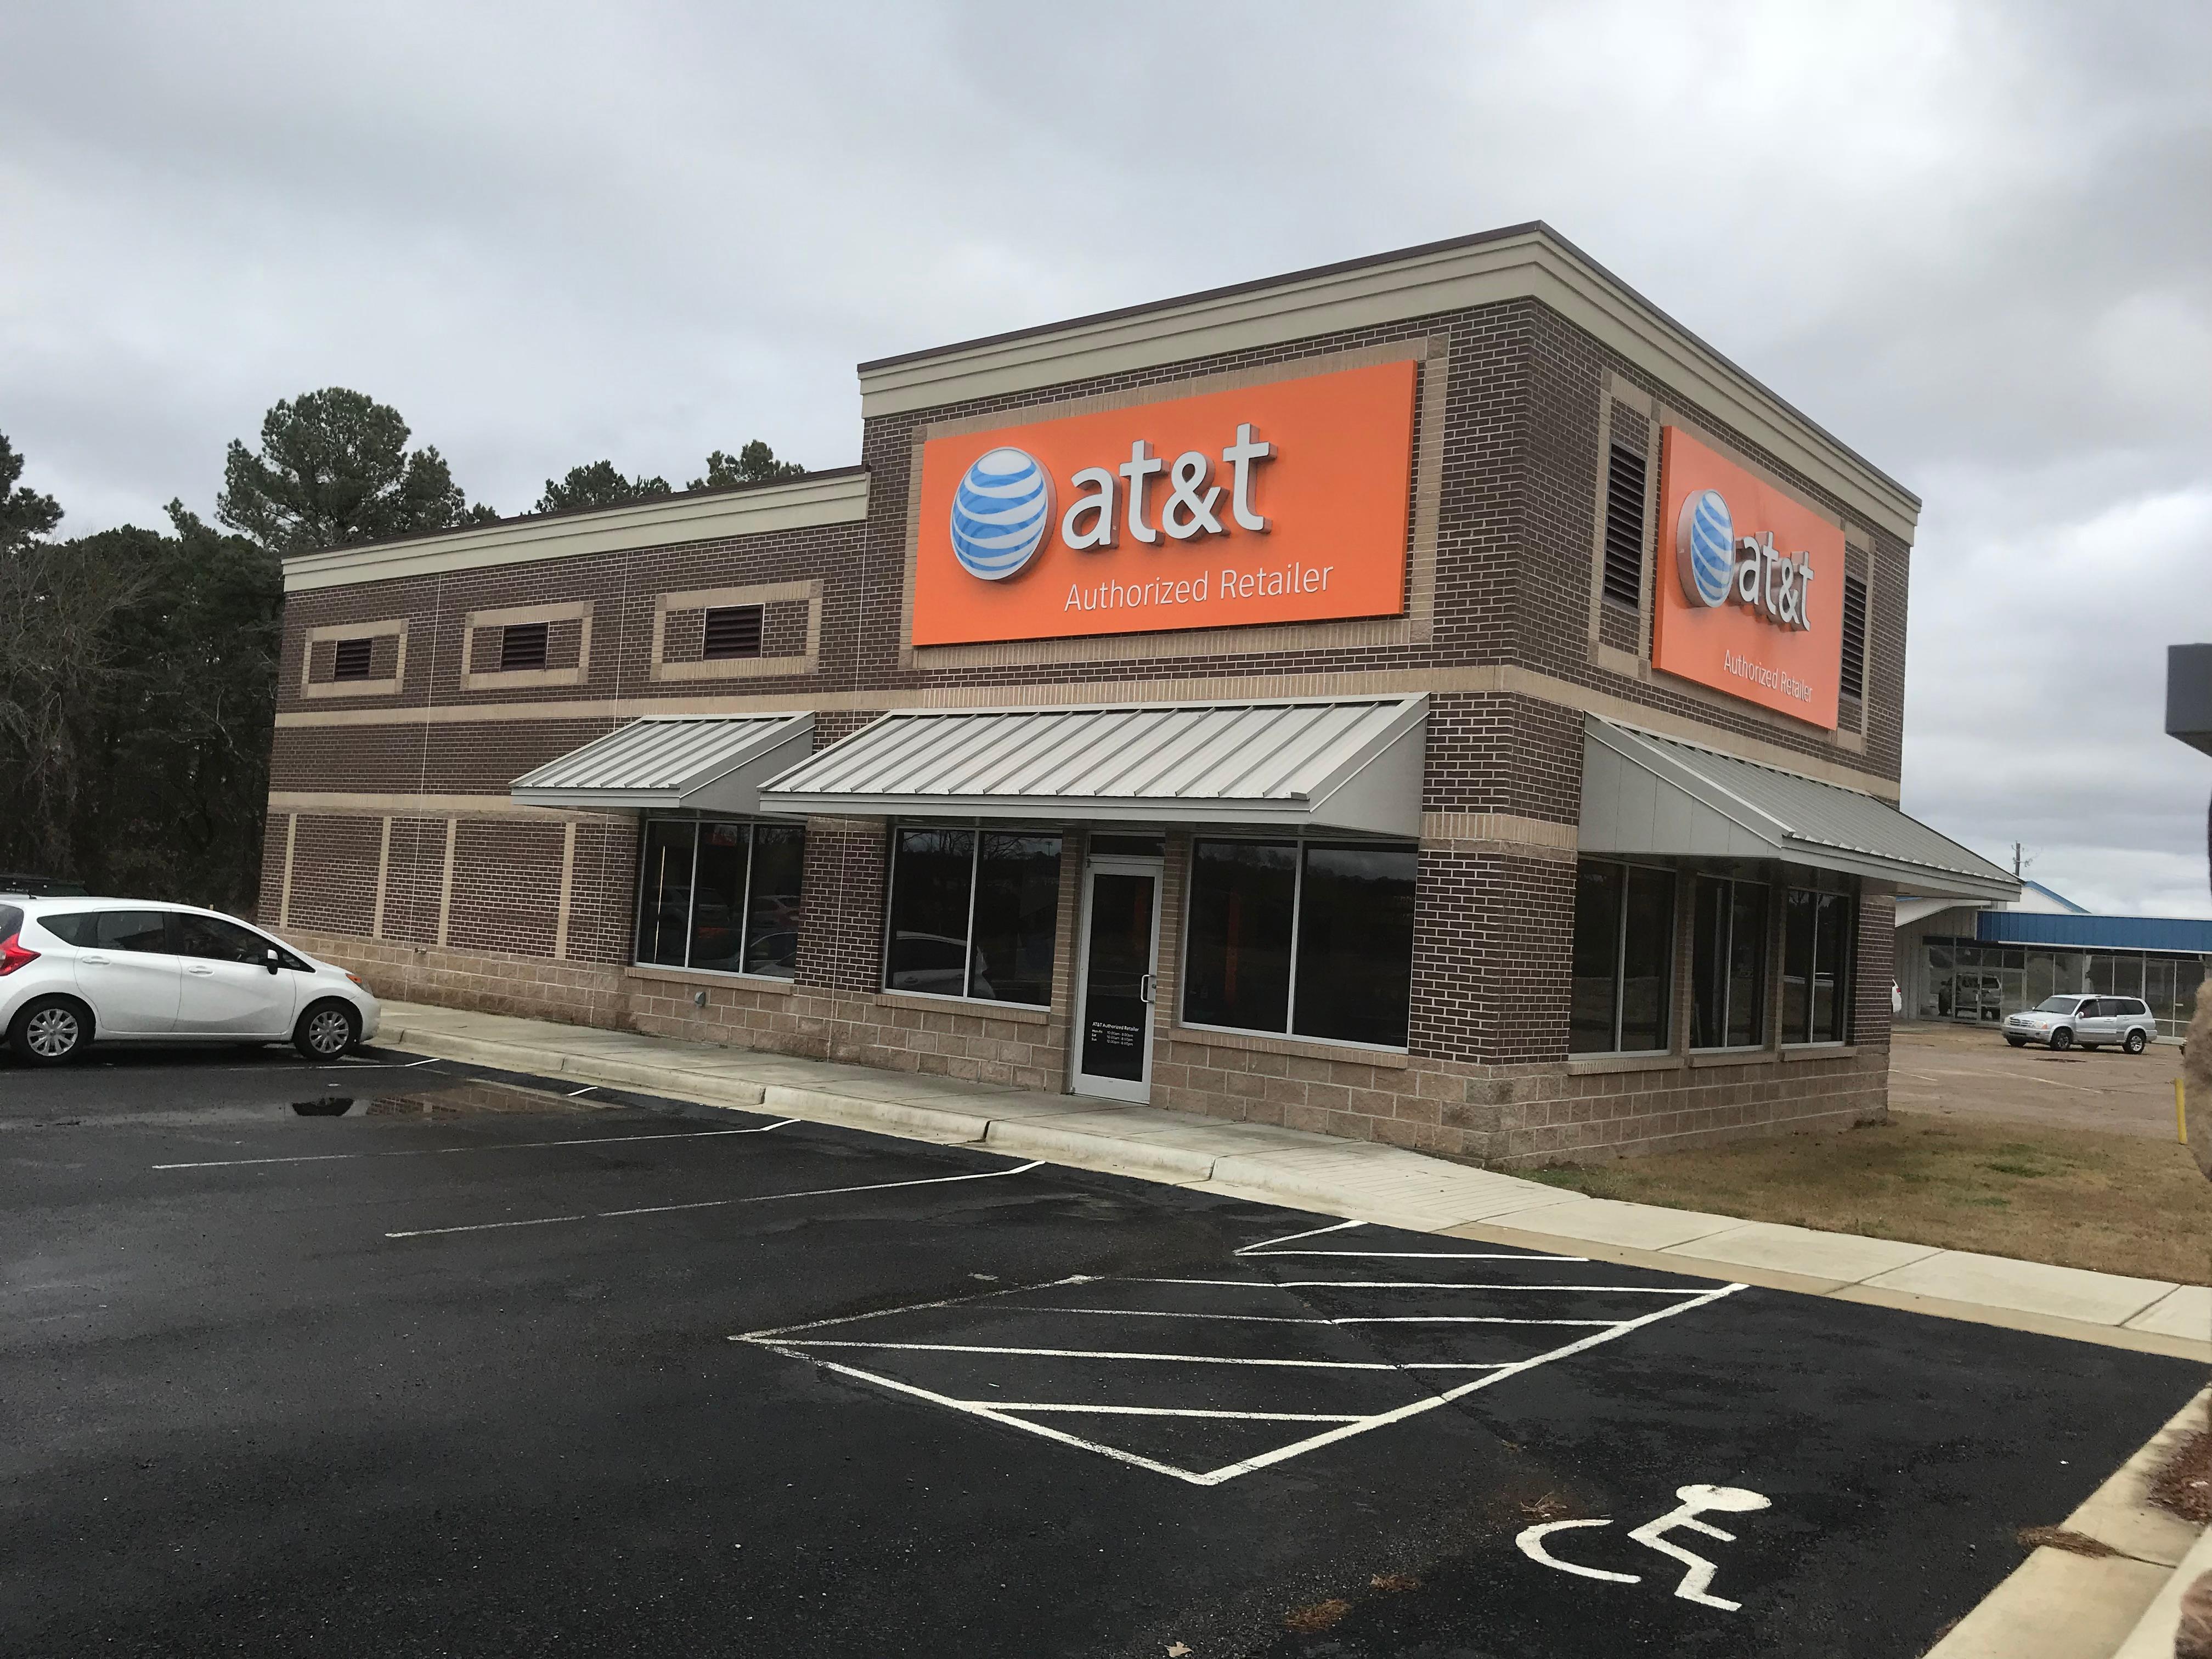 AT&T image 1